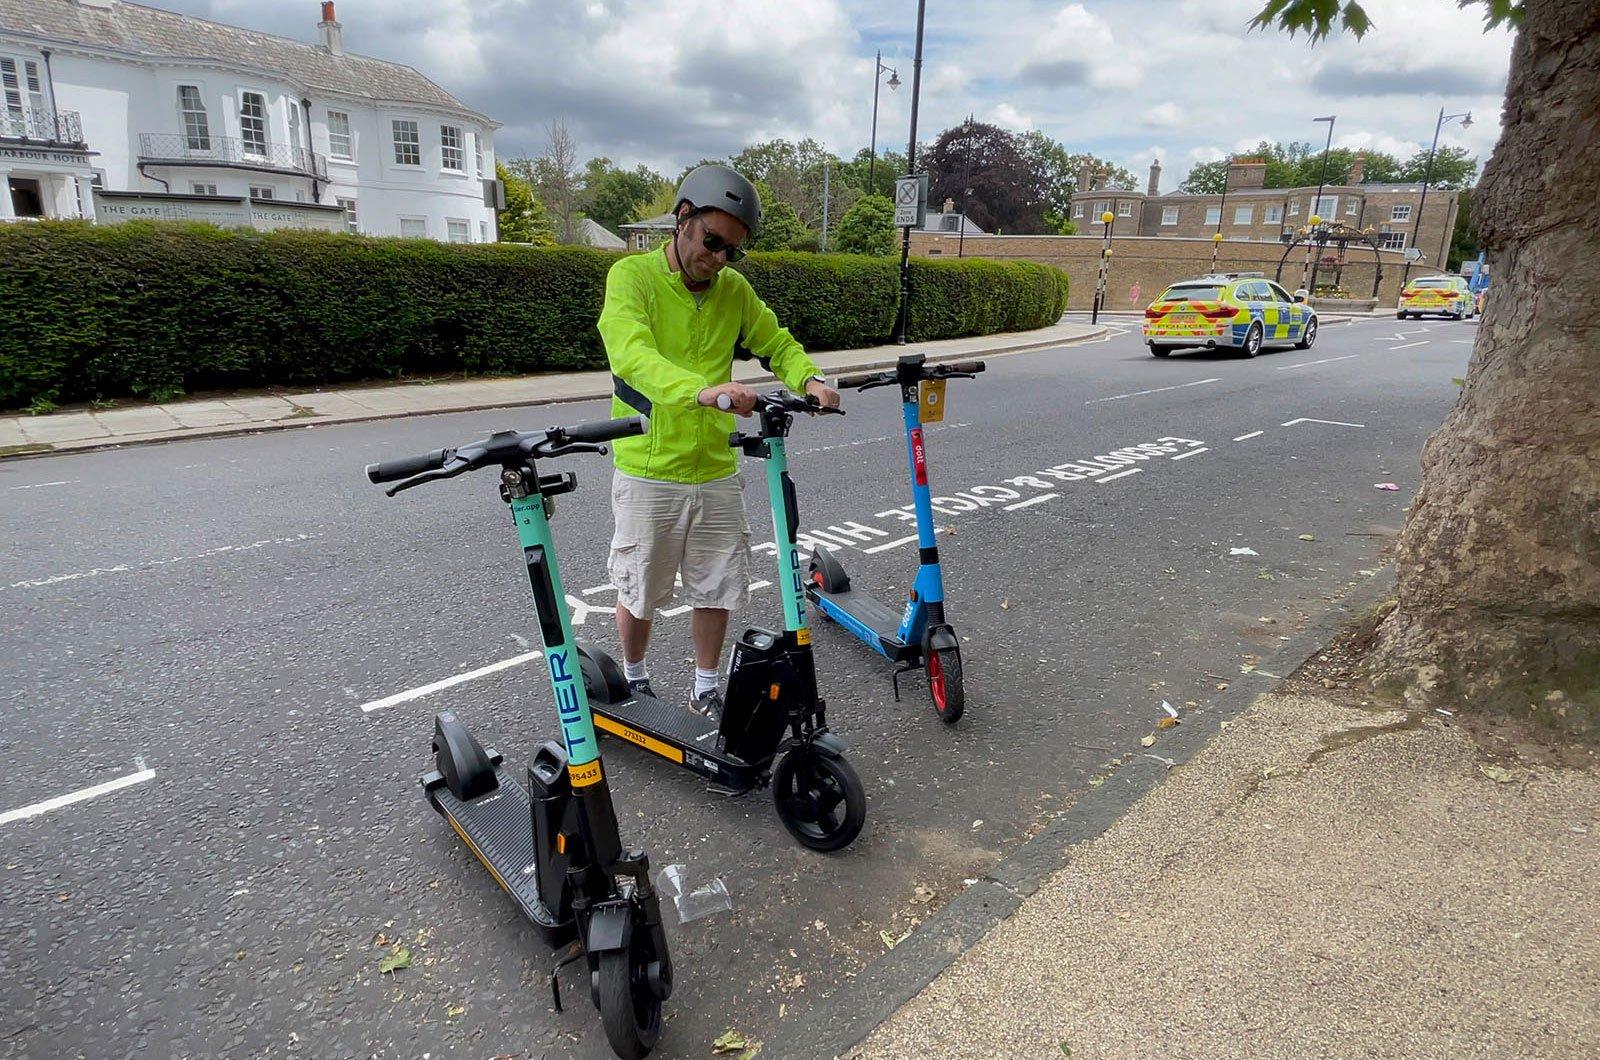 Man hiring e-scooter